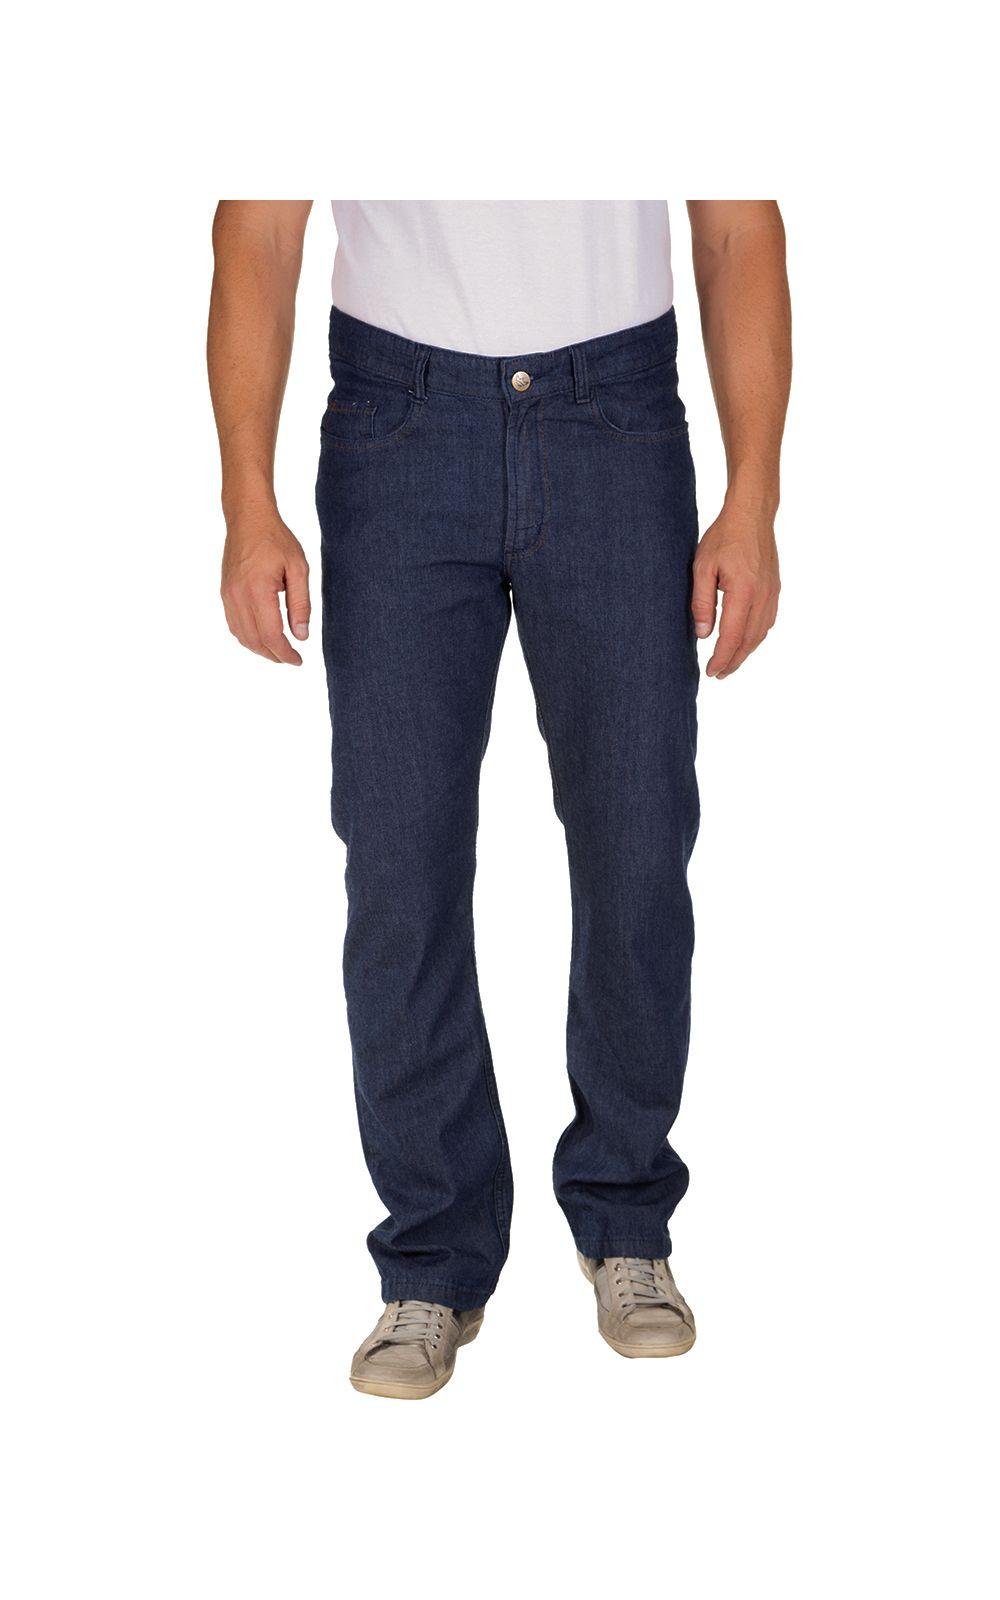 Foto 1 - Calça Jeans Masculina Azul Escuro Lisa